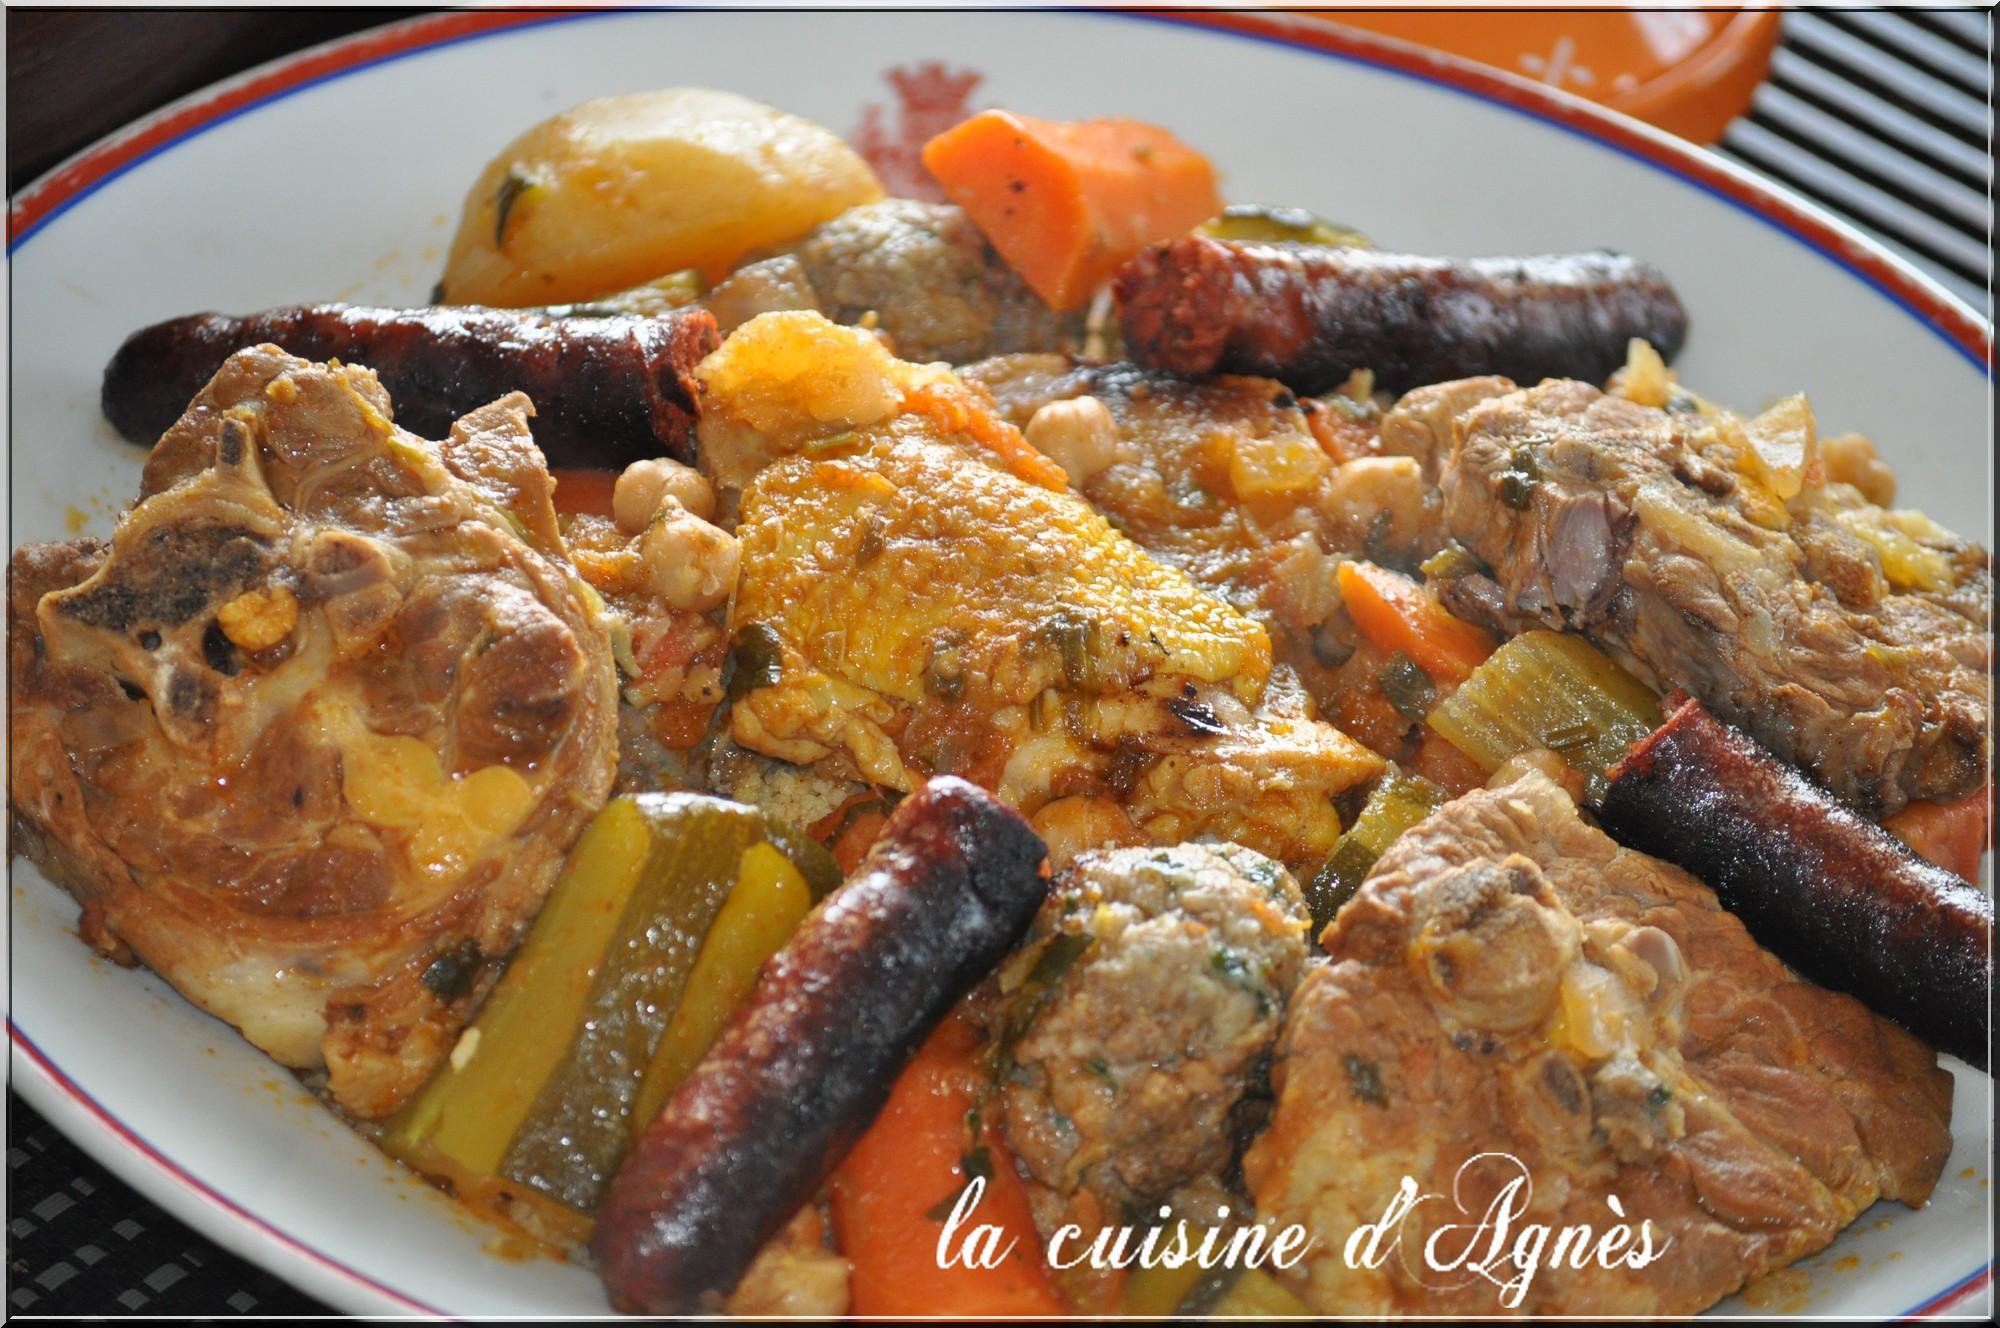 Couscous royal la cuisine d 39 agn sla cuisine d 39 agn s for La cuisine